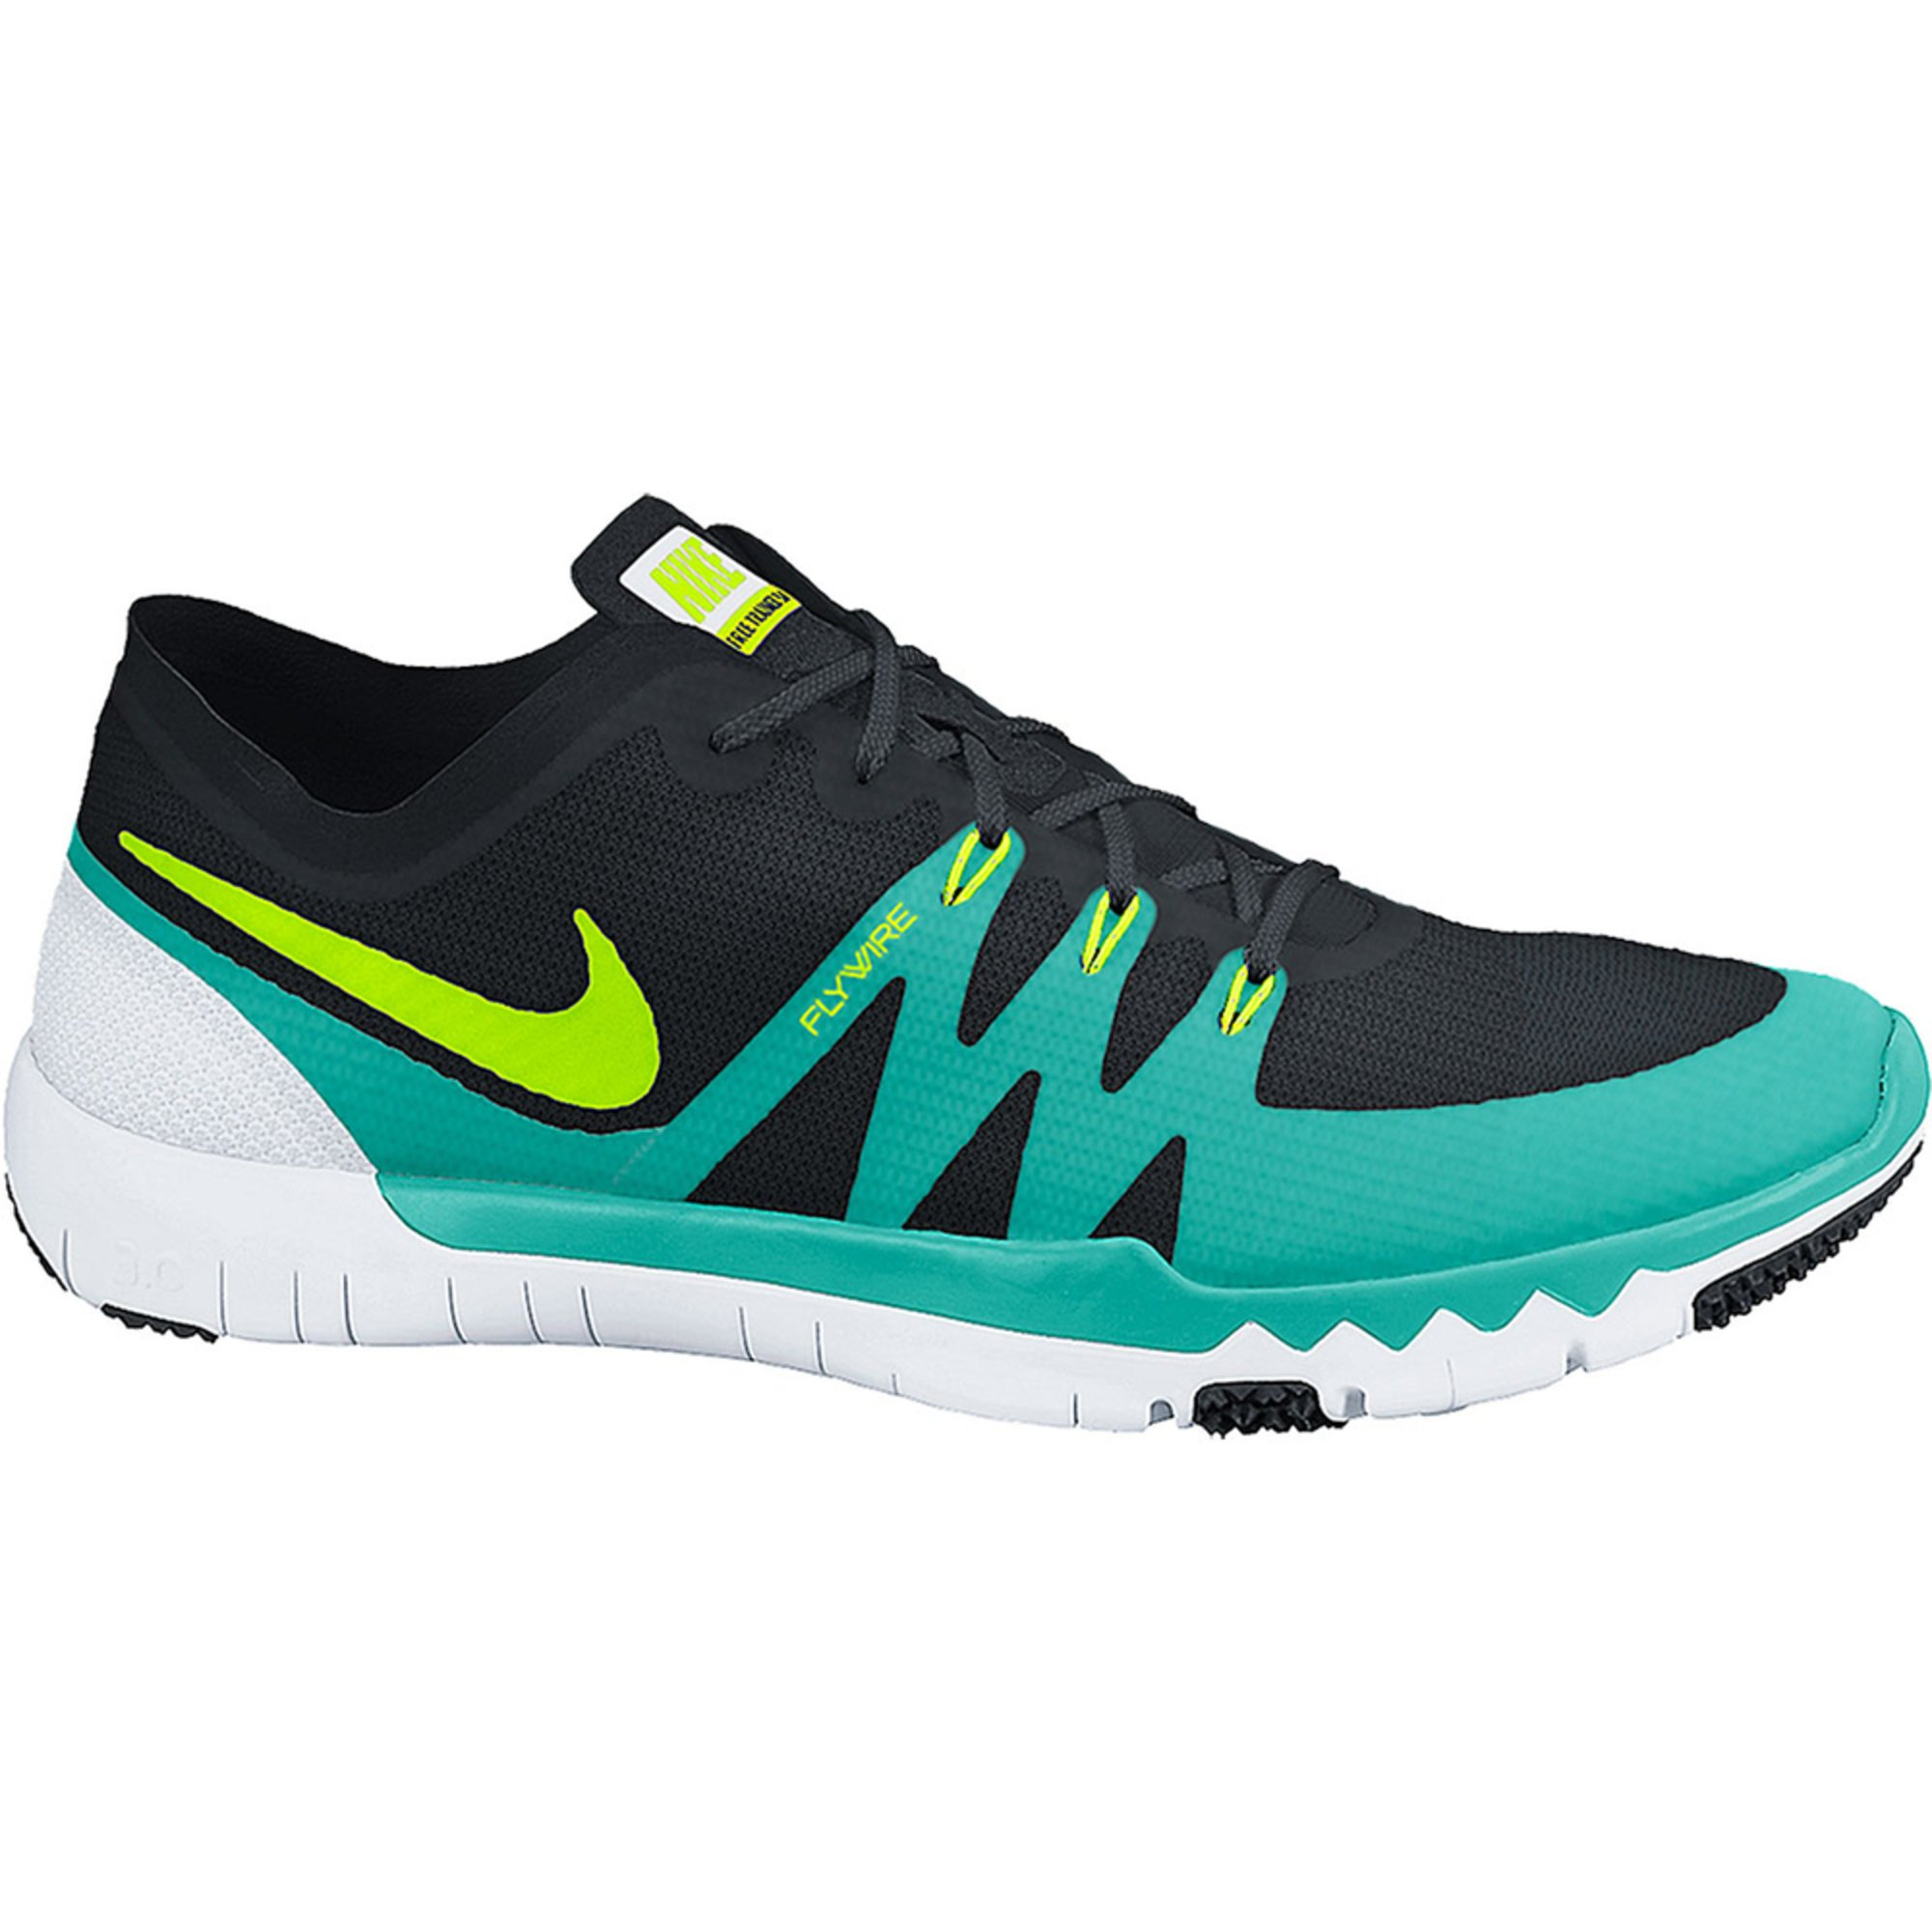 nike free trainer 3 0 v3 men 39 s training shoe shoes. Black Bedroom Furniture Sets. Home Design Ideas